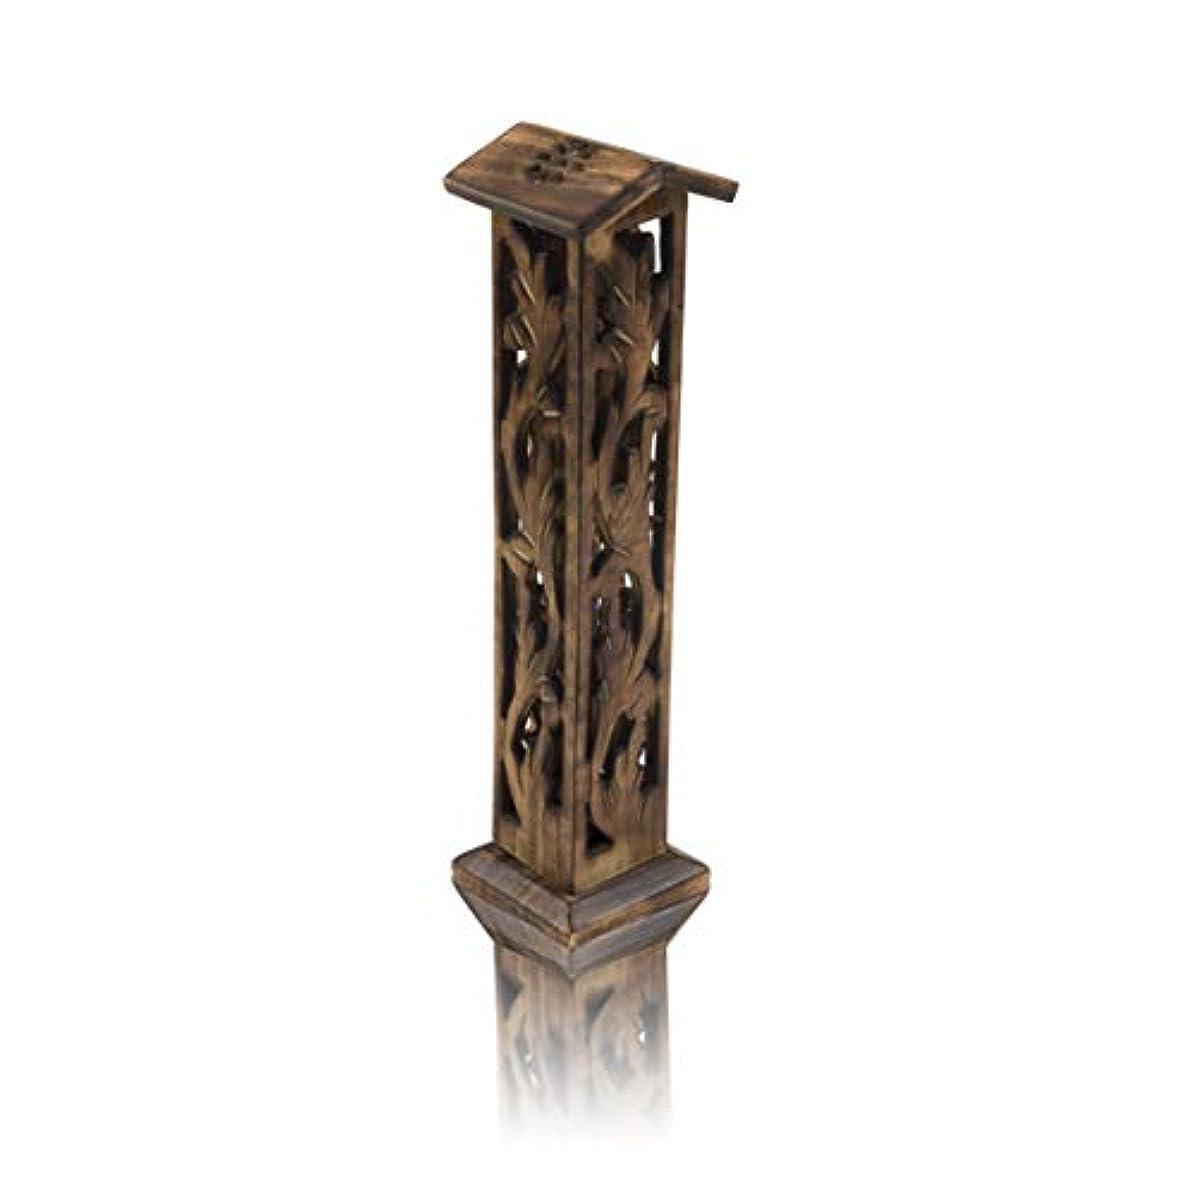 その転倒数学者木製お香スティック&コーンバーナーホルダー タワー ラージ オーガニック エコフレンドリー アッシュキャッチャー アガーバティホルダー 素朴なスタイル 手彫り 瞑想 ヨガ アロマセラピー ホームフレグランス製品